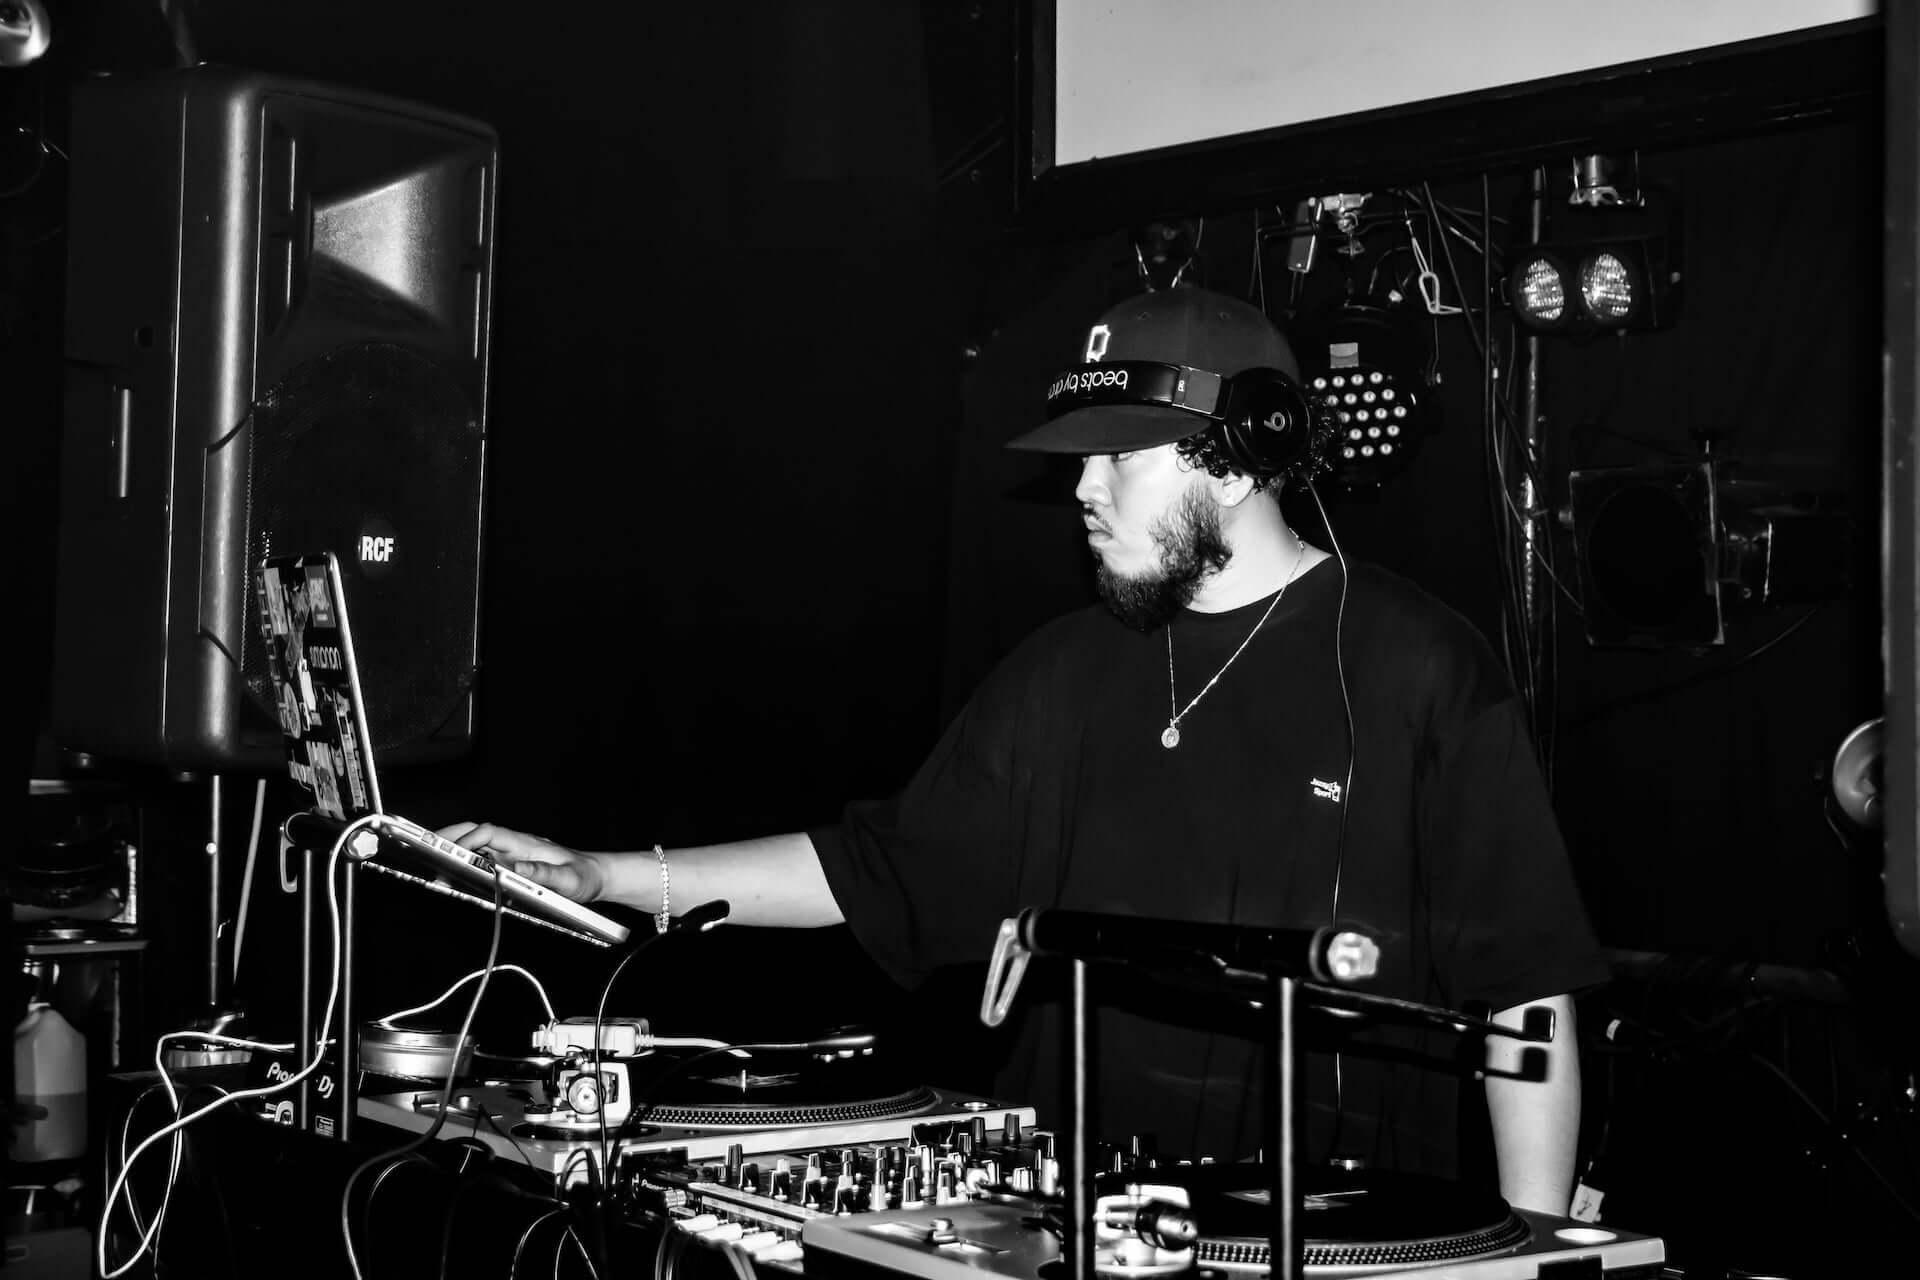 【レポート】BUPPON&¥ellow Bucksダブルリリースパーティー<Bla9 Marke2>で見えたヒップホップ・シーンの胎動 music190805_bla9marke2_1.jpg-1920x1280